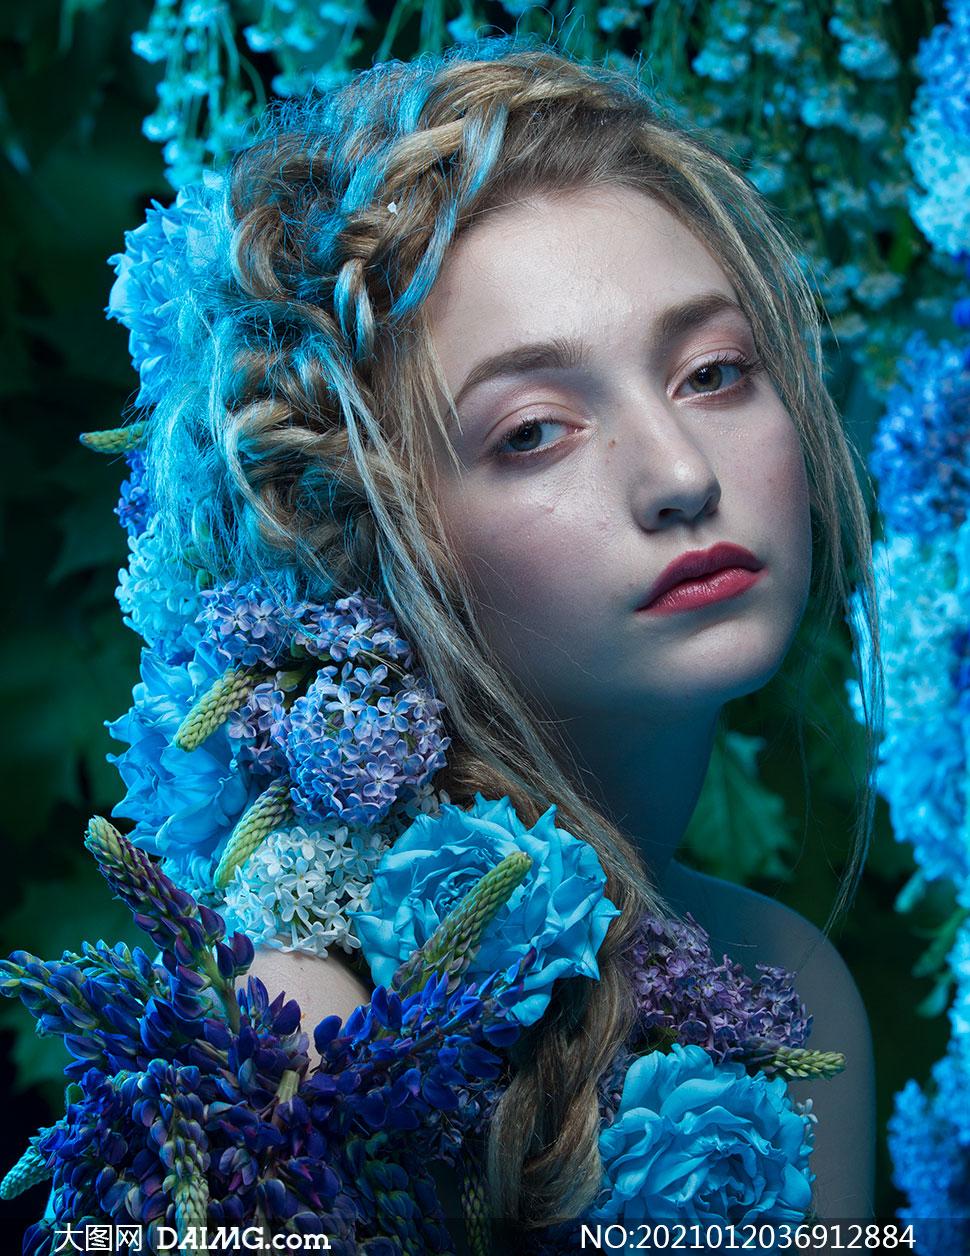 散发着花香的美女人物摄影高清原片